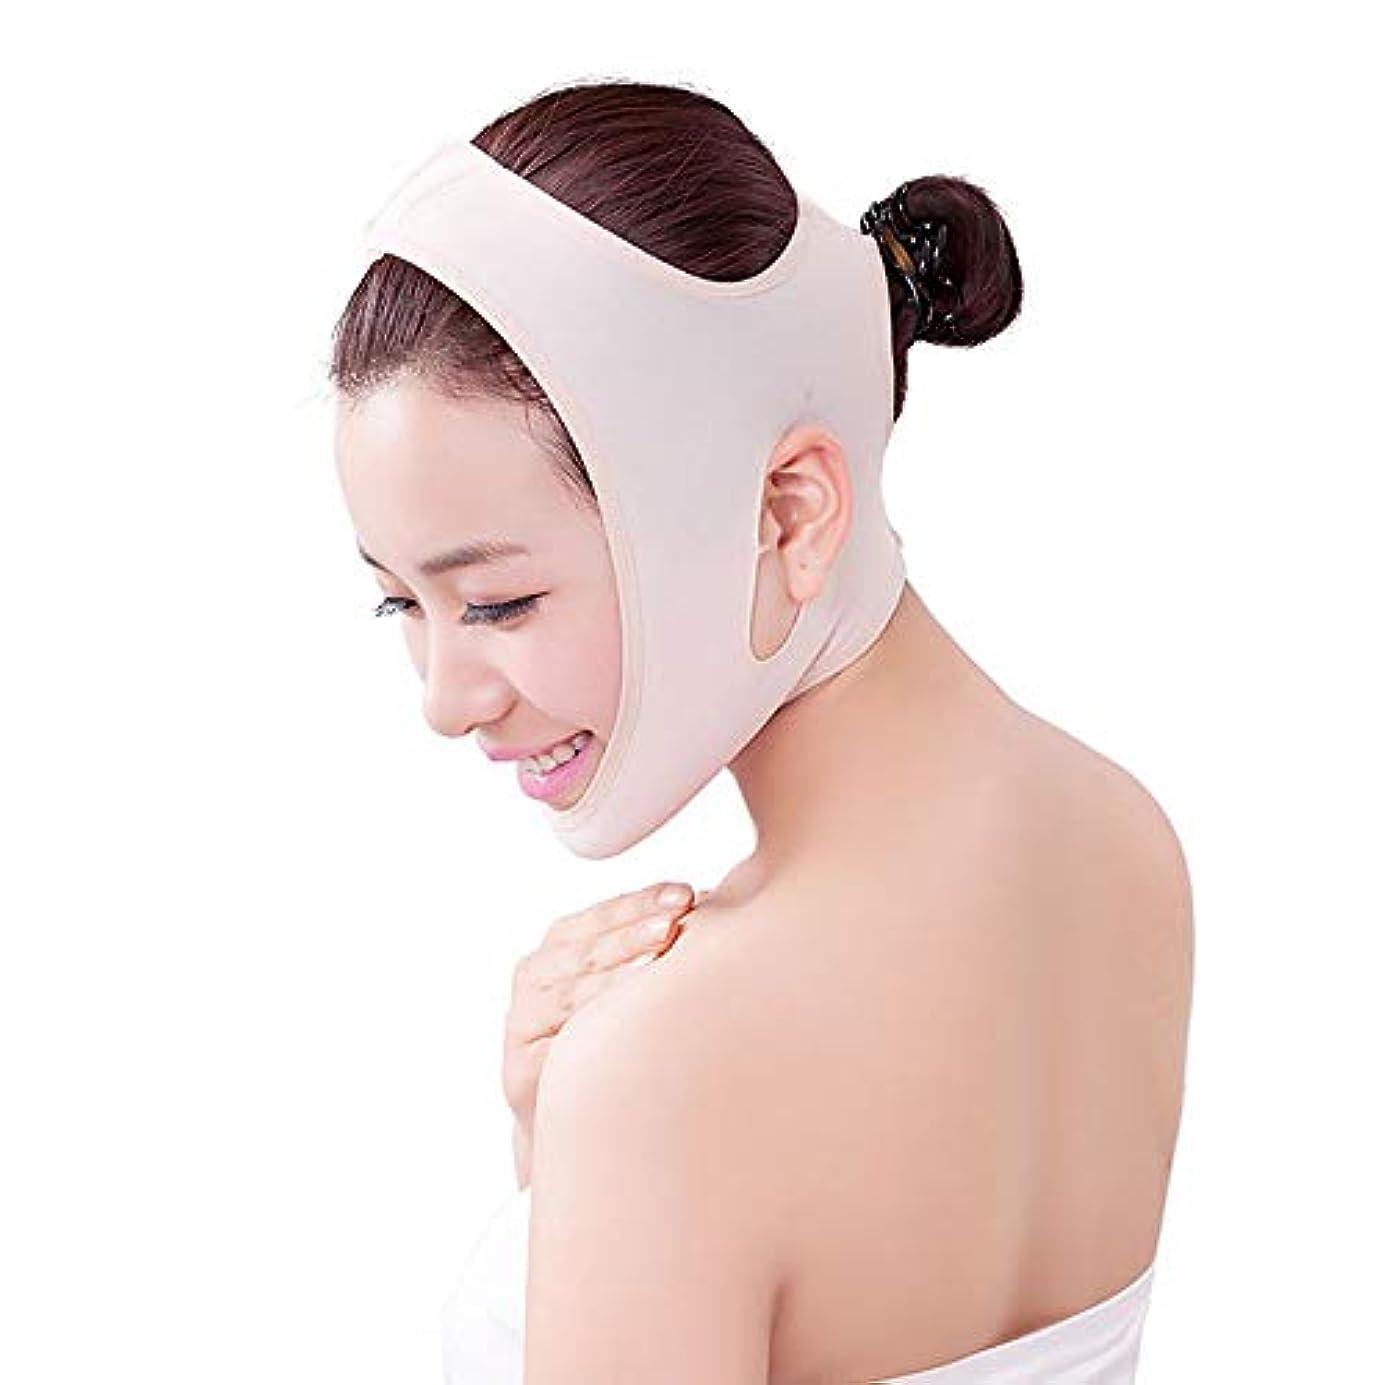 リングバックレパートリー優勢フェイスリフティング包帯、ダブルチンリフト、法律、男性用および女性用マスクへの固着、vフェイスマスク,XL